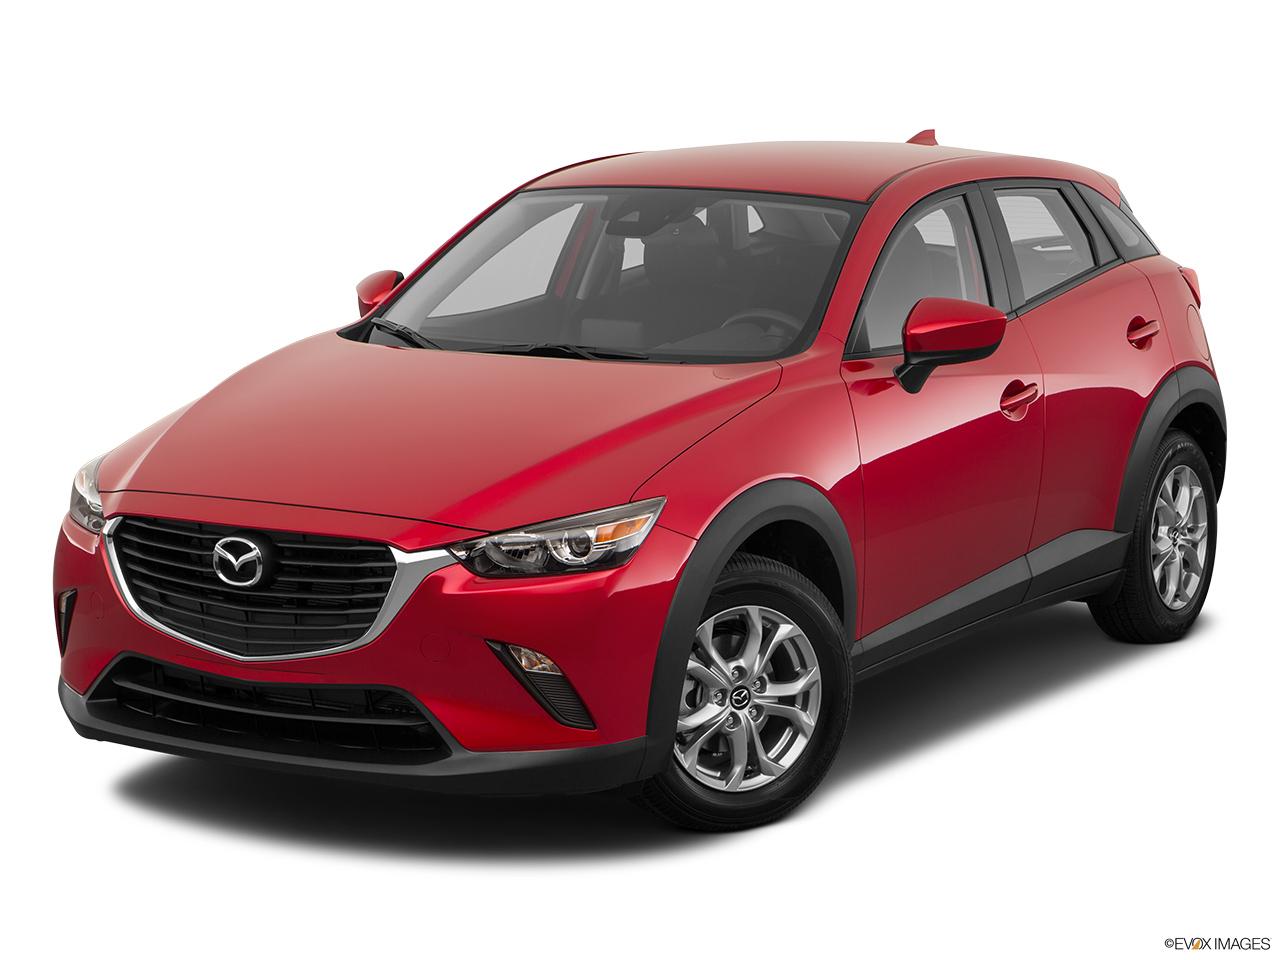 Kelebihan Kekurangan Harga Mazda Cx 3 Harga